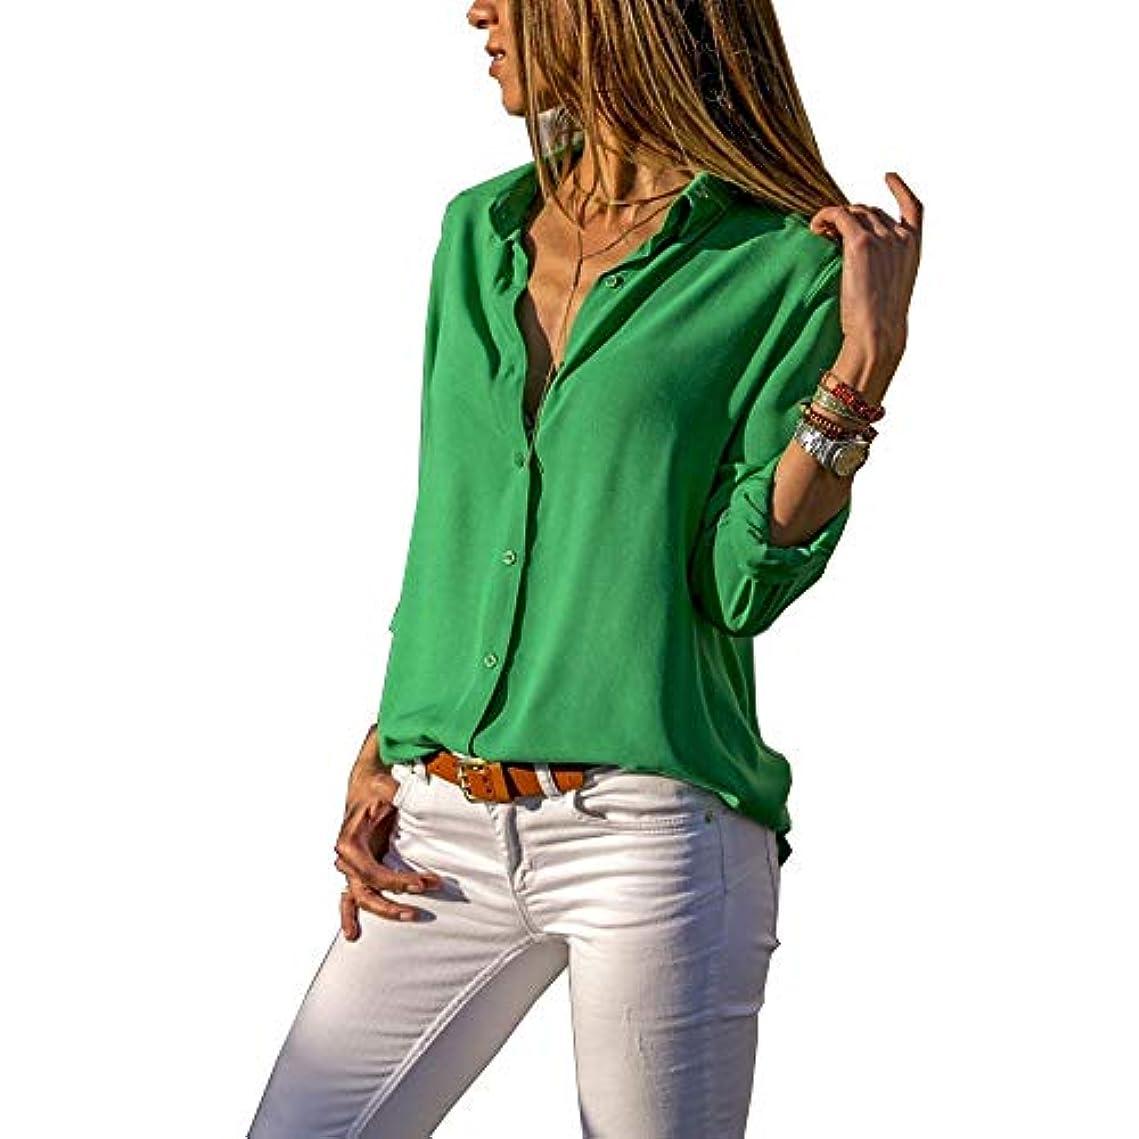 警報氏皮MIFAN ルーズシャツ、トップス&Tシャツ、プラスサイズ、トップス&ブラウス、シフォンブラウス、女性トップス、シフォンシャツ